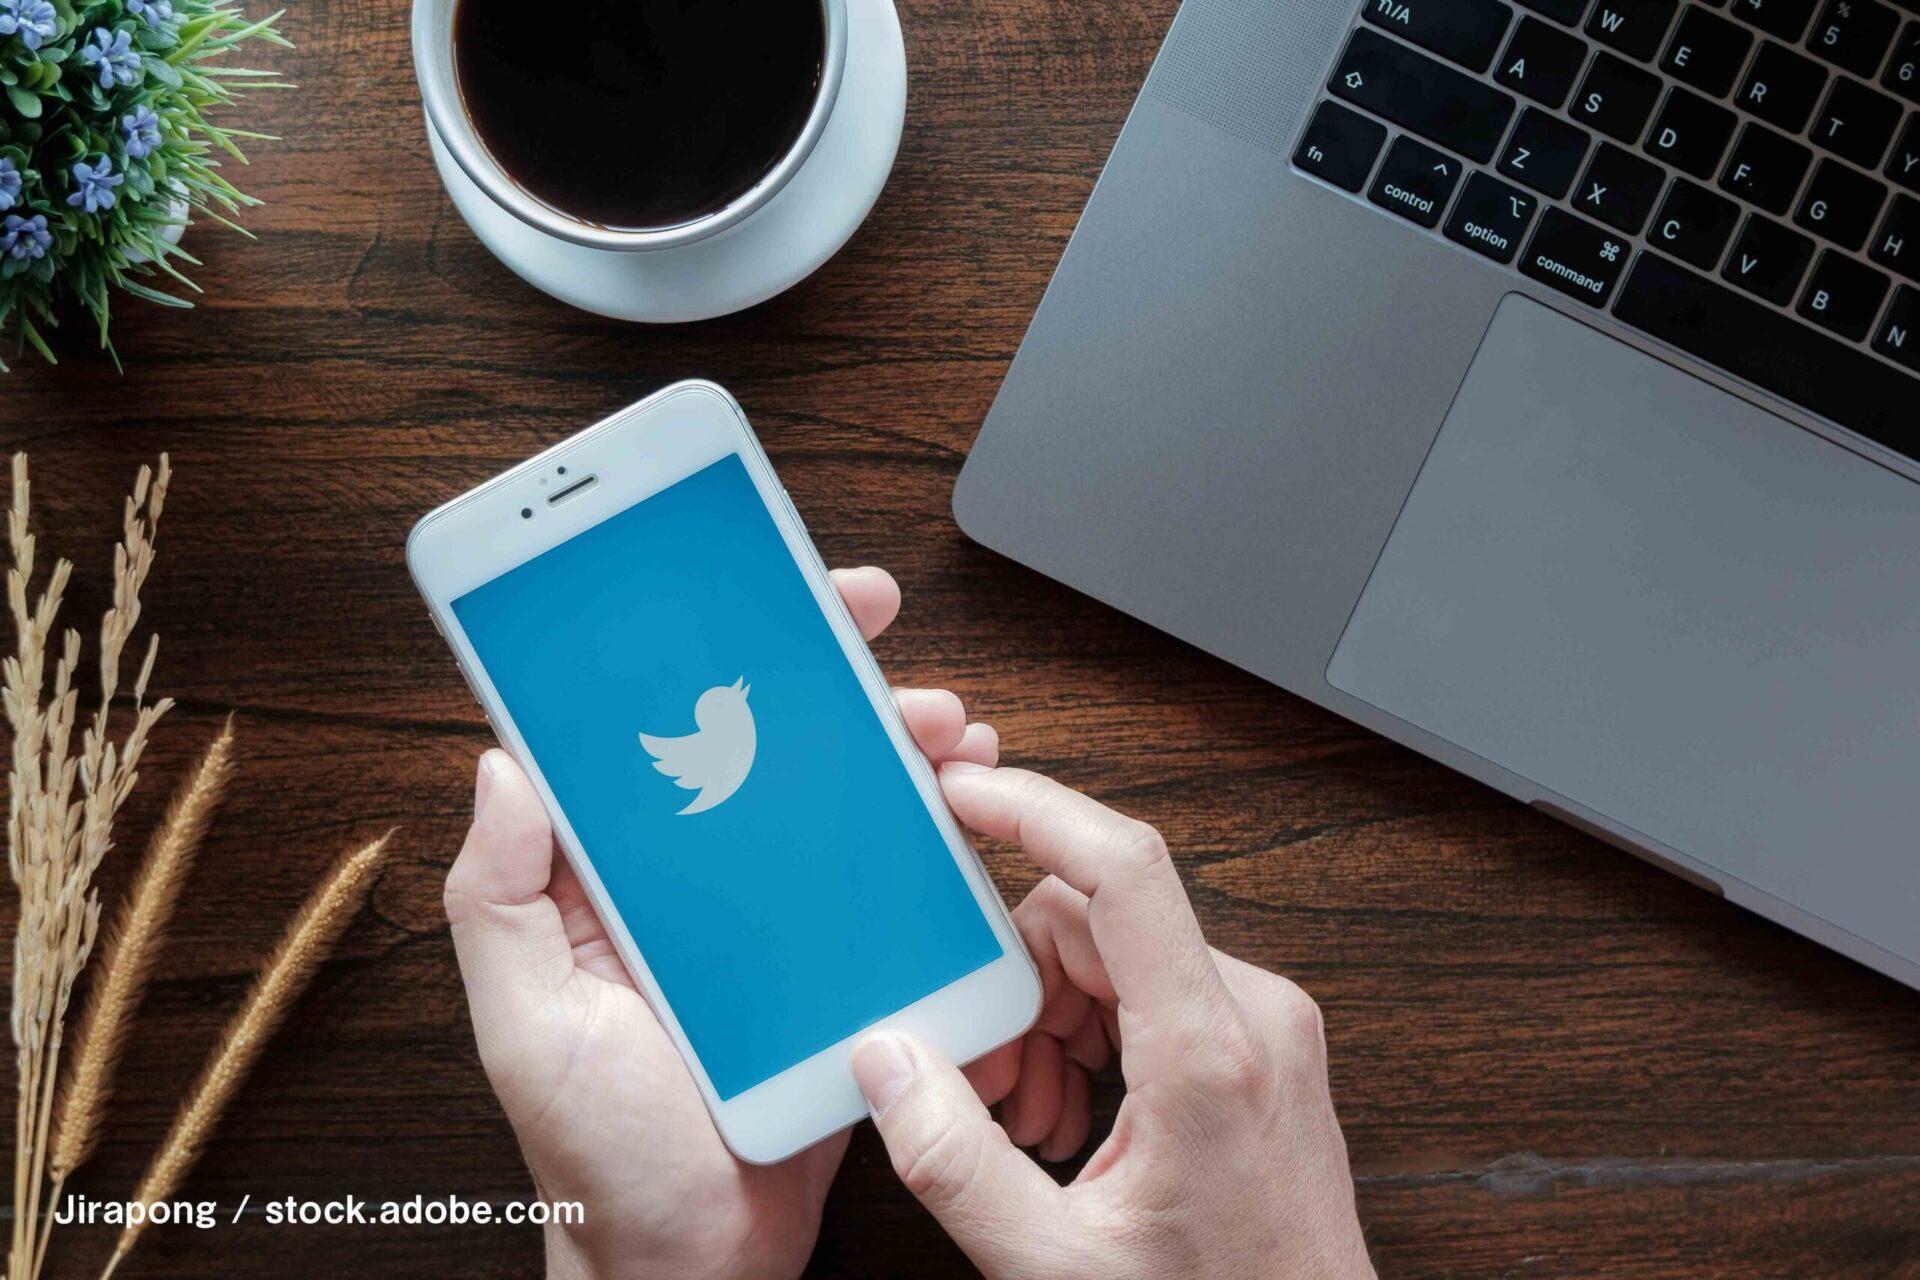 【裏技】誰も気付かなかったTwitterのフォロワーの増やし方4選|ひろゆき氏に学ぶ